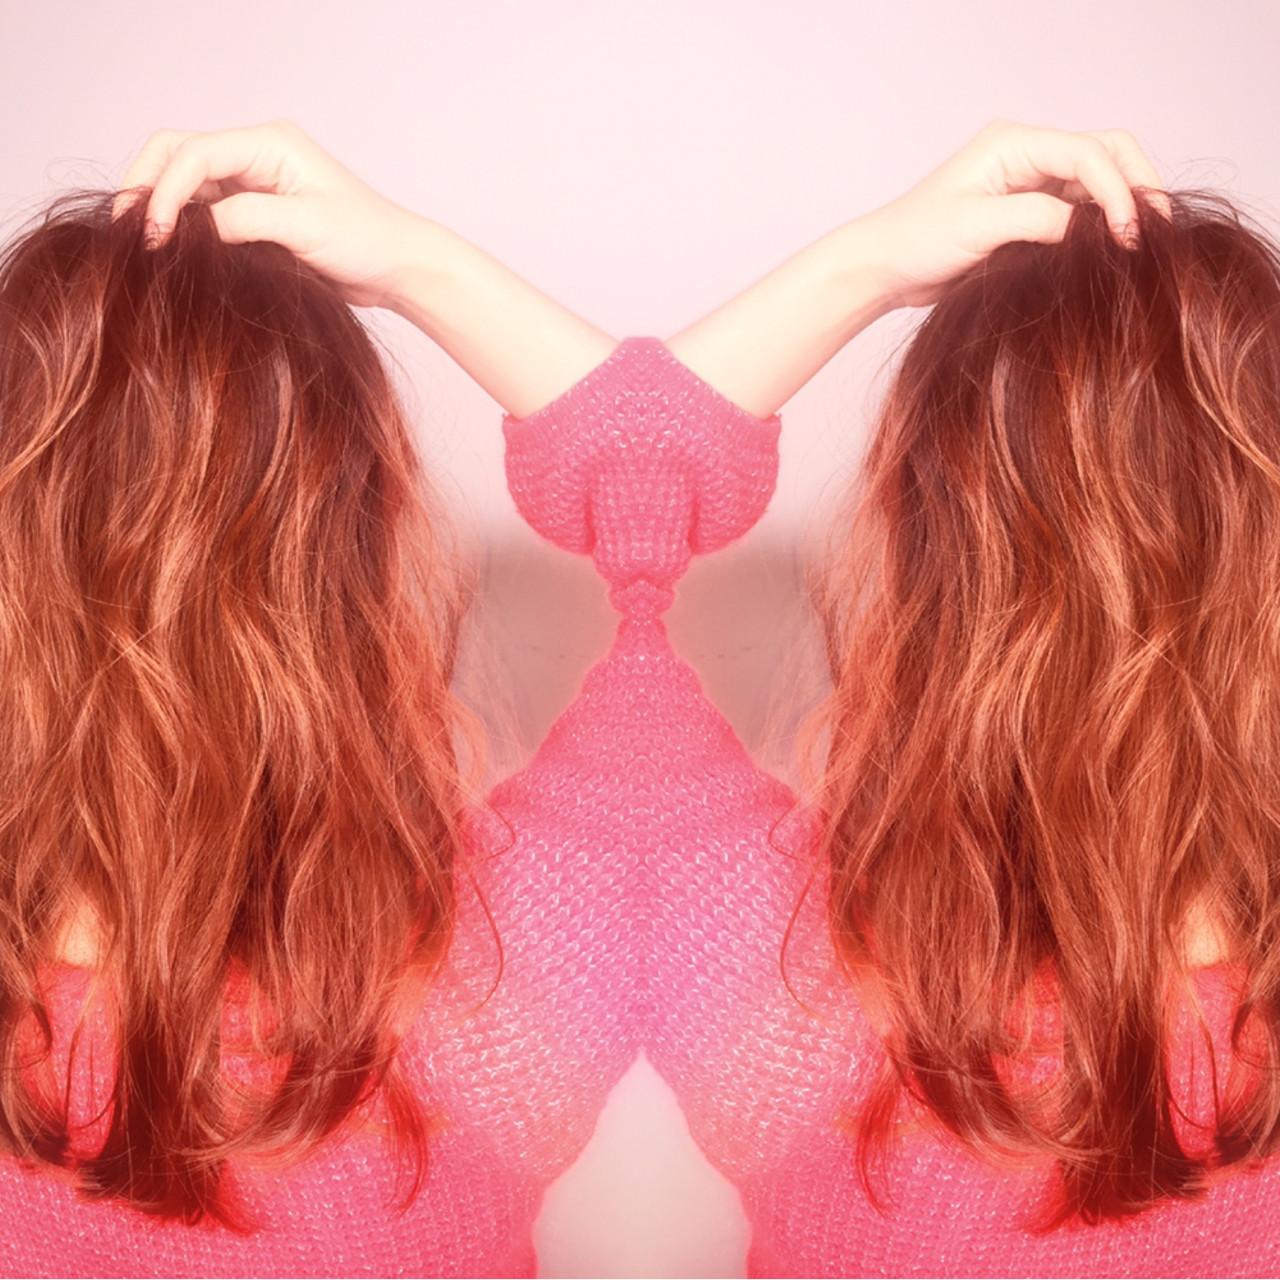 ストリート ハイライト 渋谷系 セミロング ヘアスタイルや髪型の写真・画像 | 筒井 隆由 / Hair salon mode